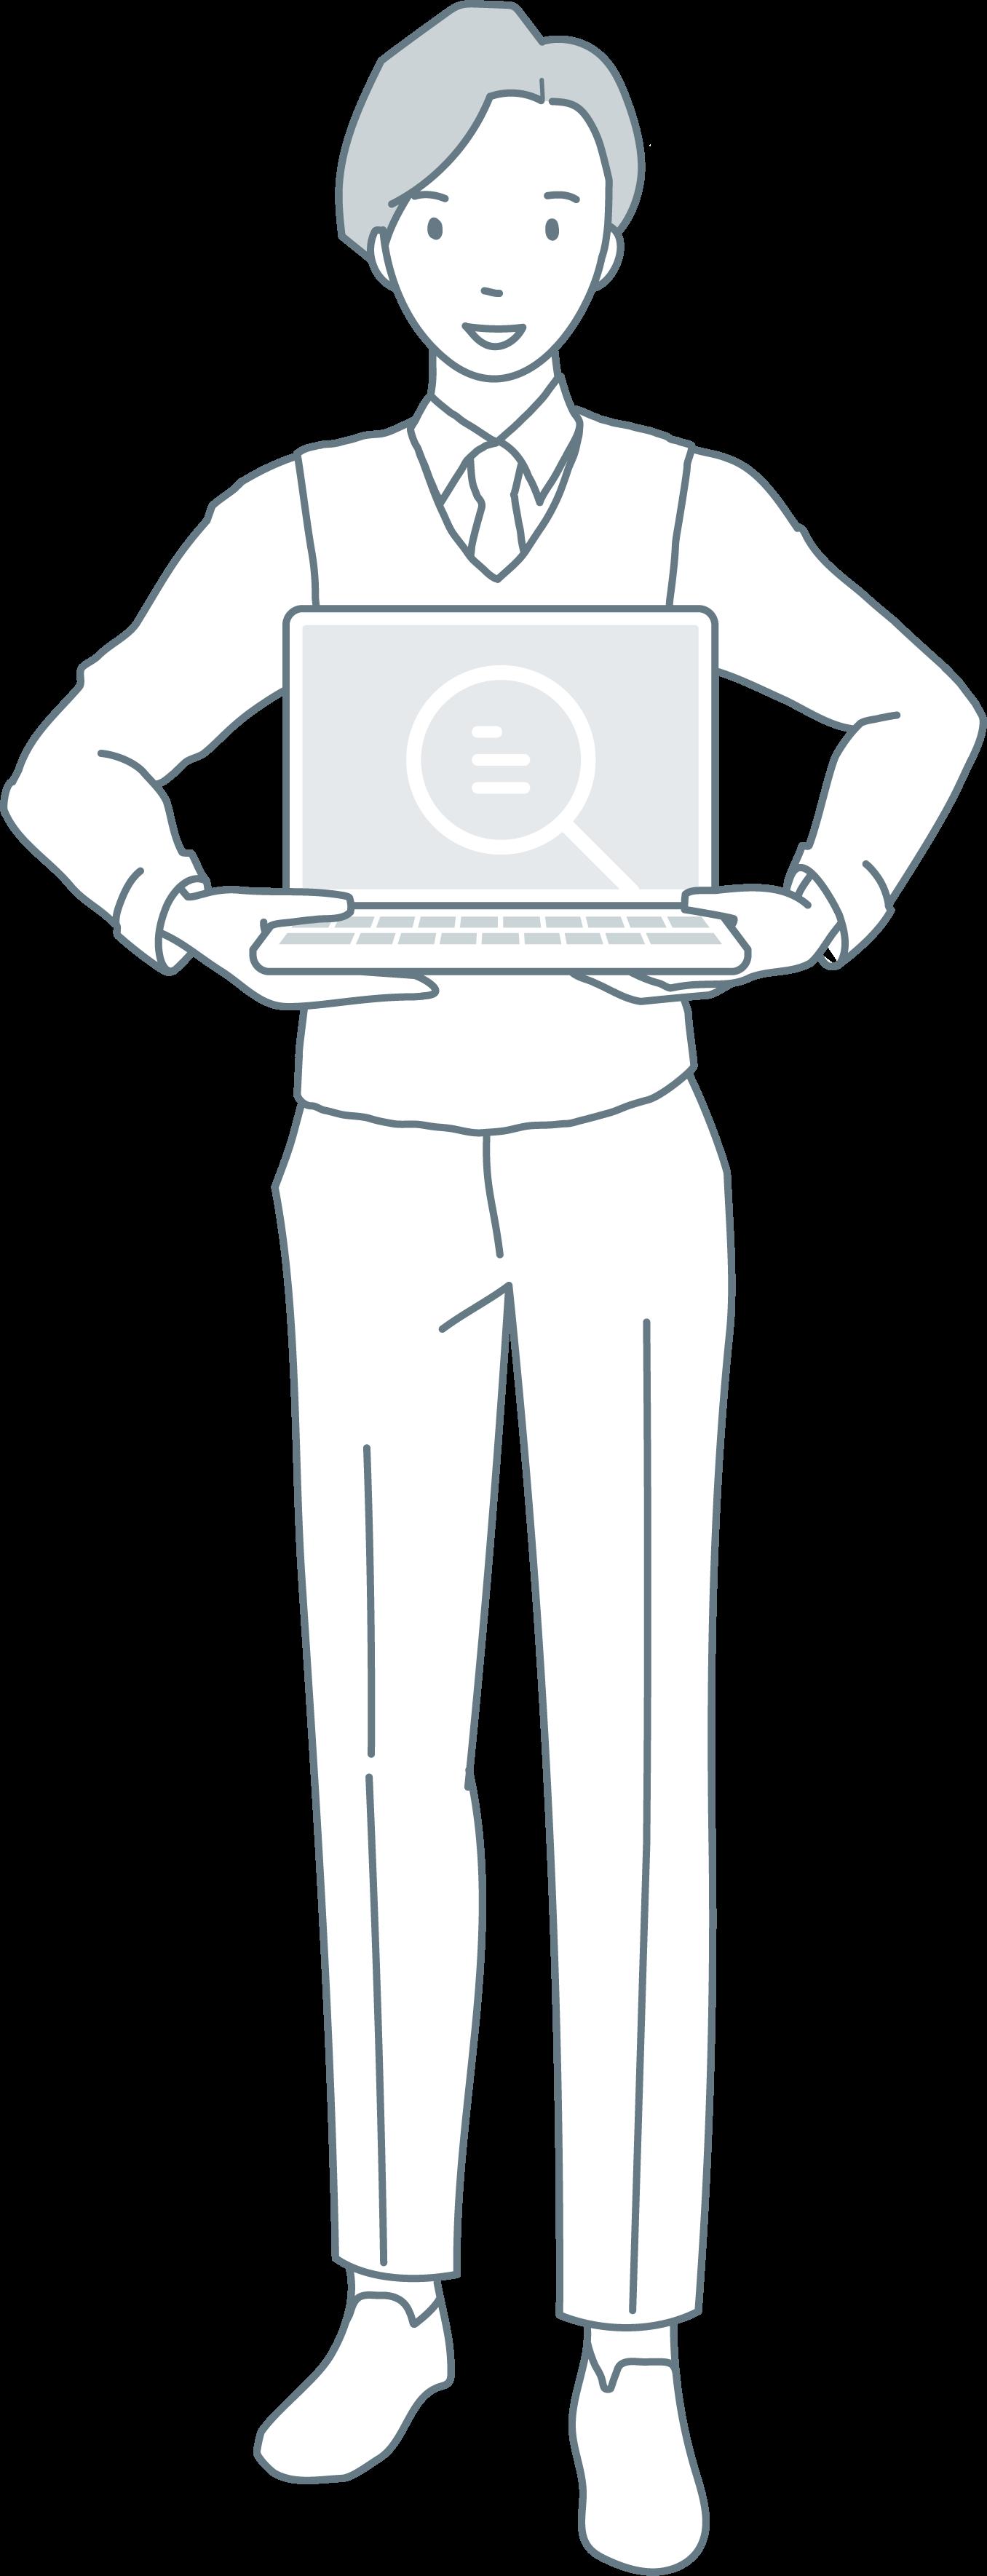 contrfinder-illustration__people-solved-1